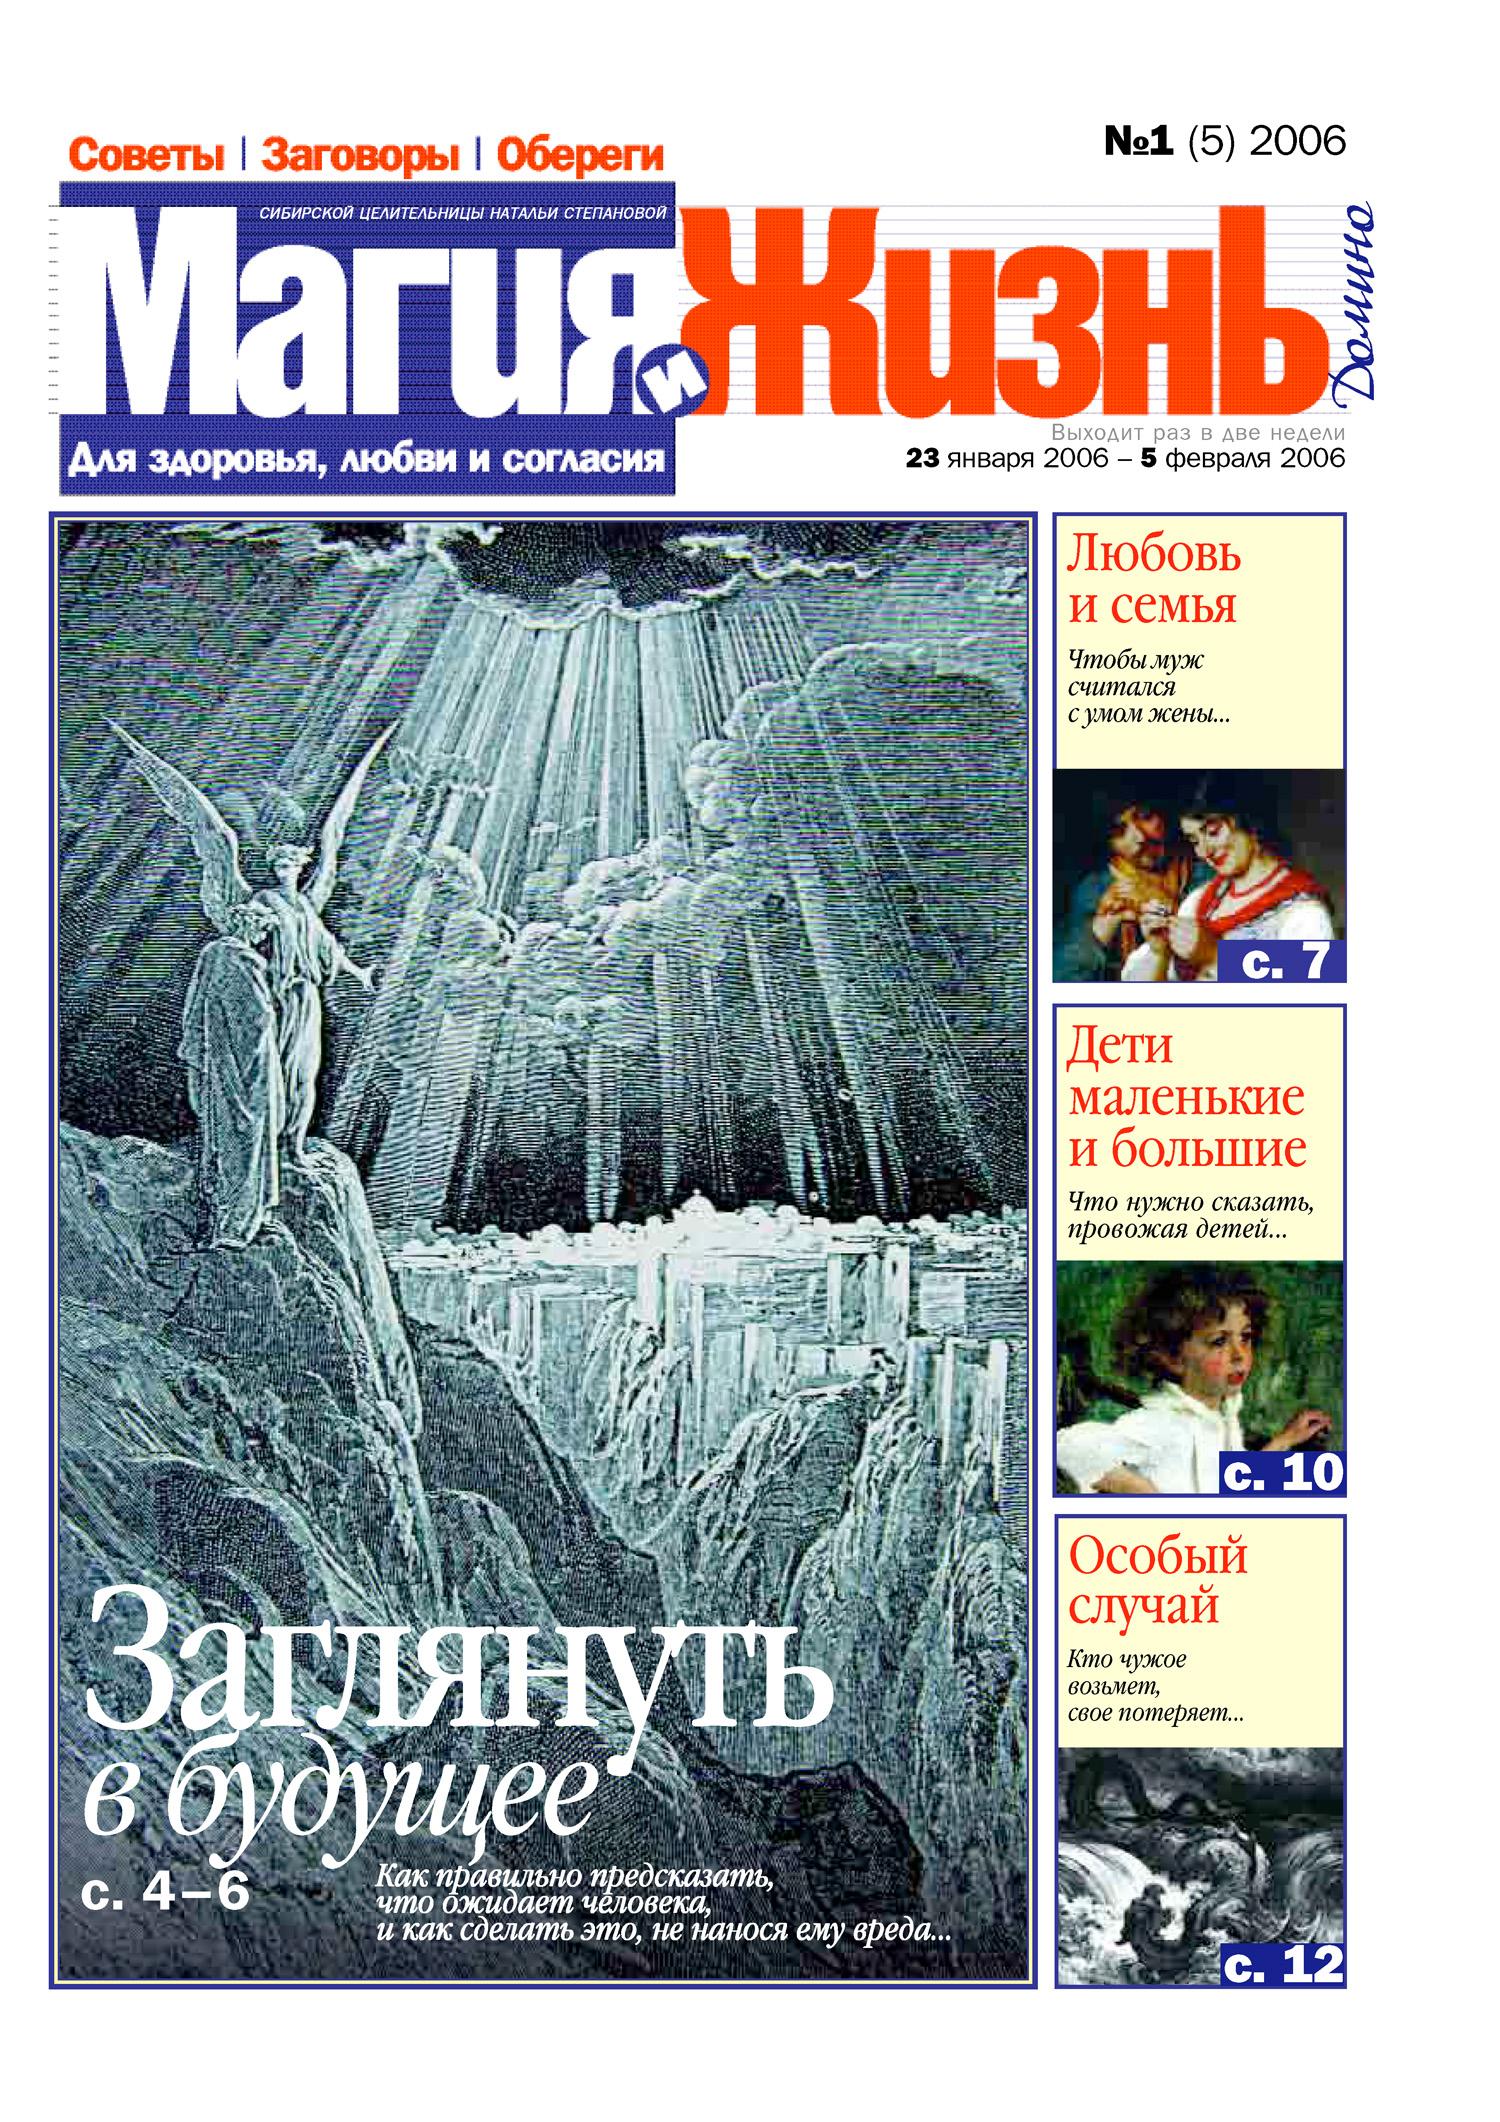 Магия и жизнь. Газета сибирской целительницы Натальи Степановой №1 (5) 2006